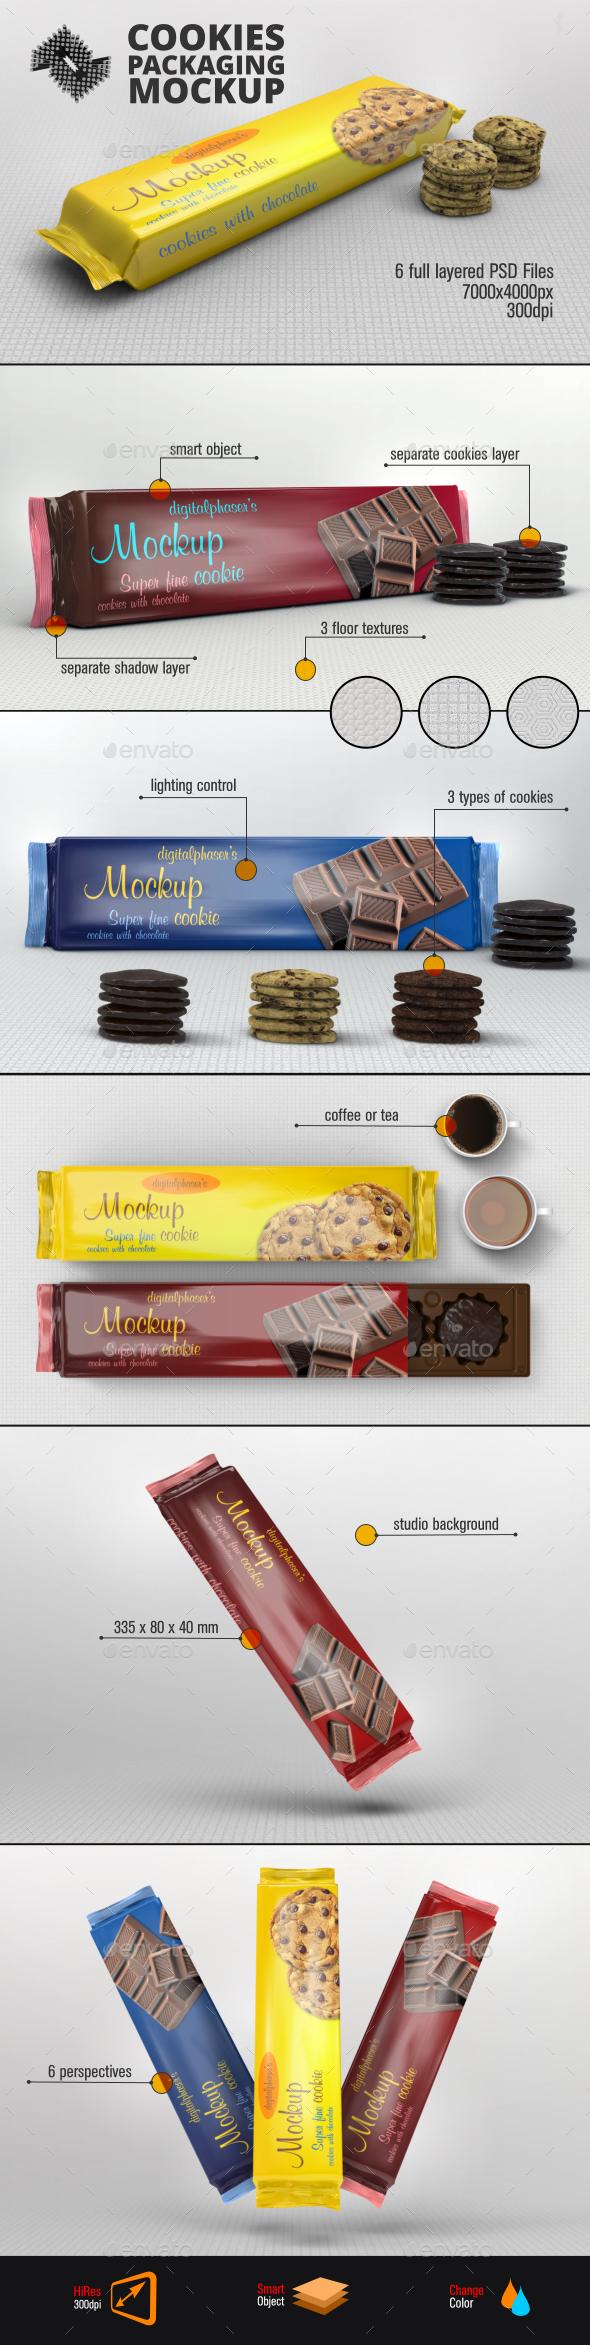 Cookies Foil Packaging Mockup